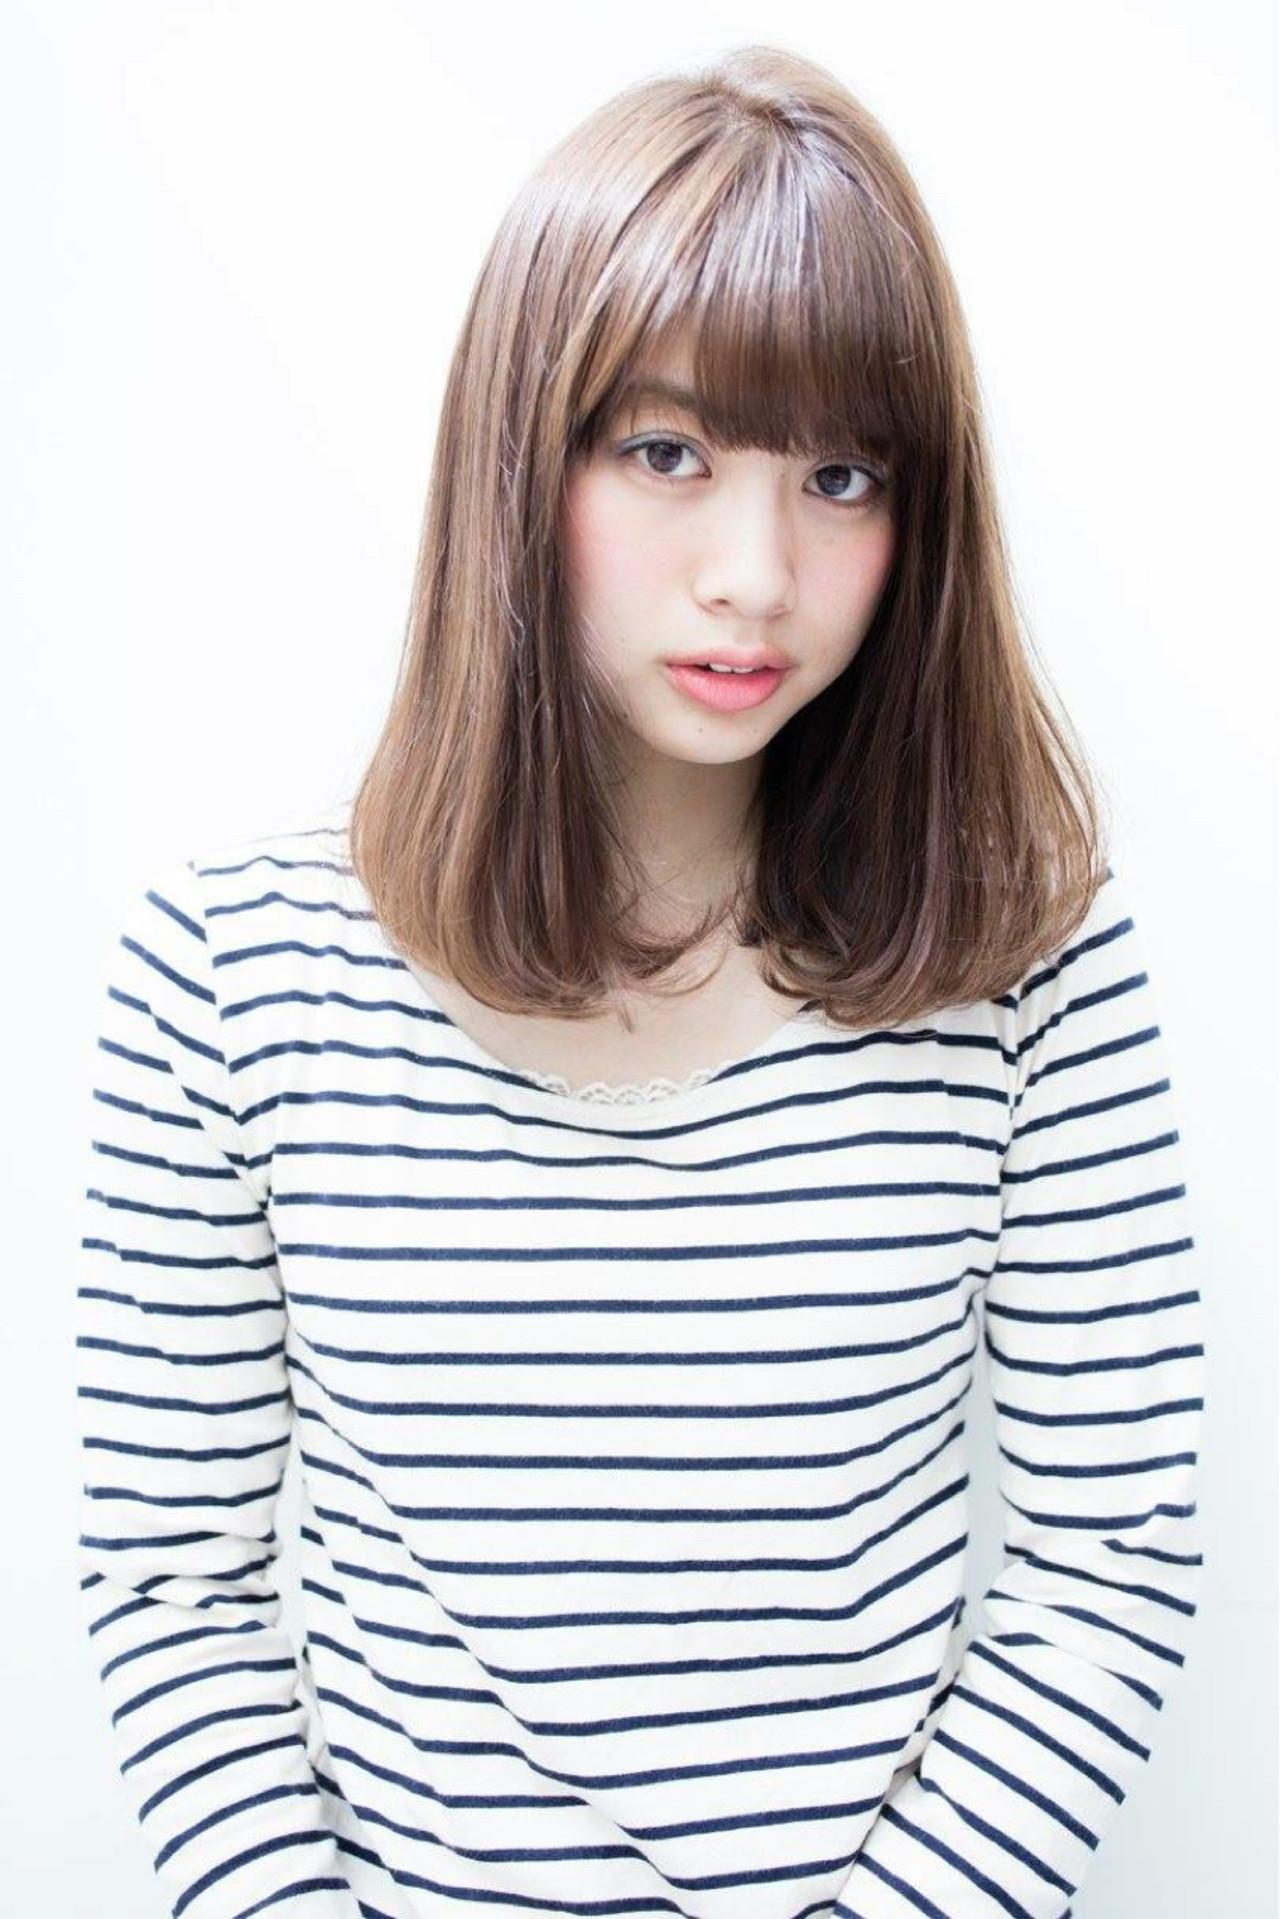 ゆるふわ 簡単 外国人風 セミロング ヘアスタイルや髪型の写真・画像 | 内藤 達也 / Star